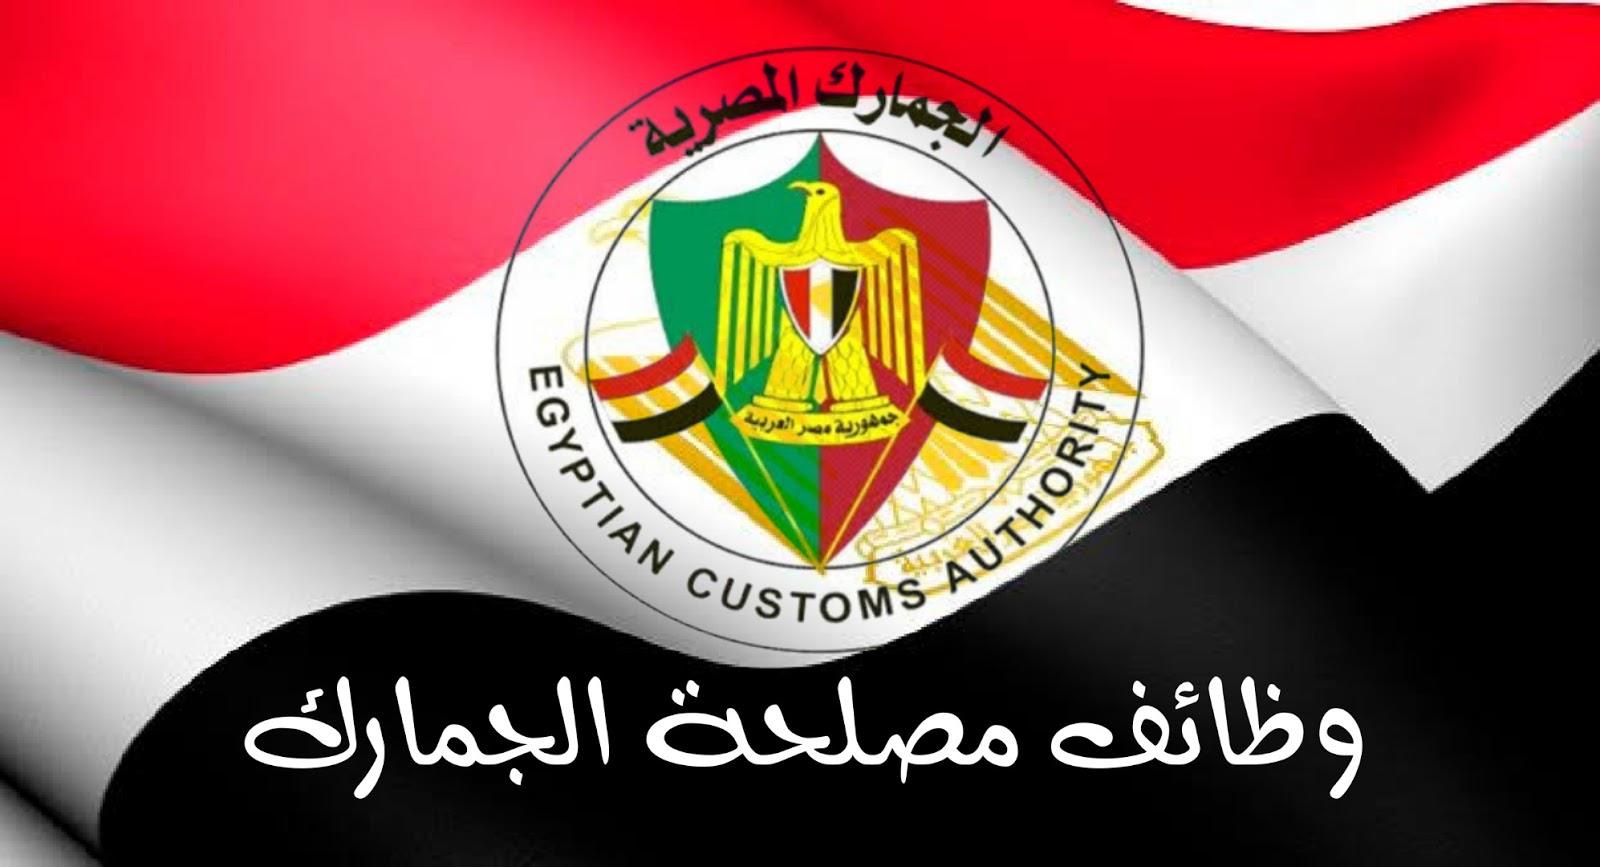 اعلان وظائف مصلحة الجمارك المصرية  لجميع المؤهلاتعام 2021